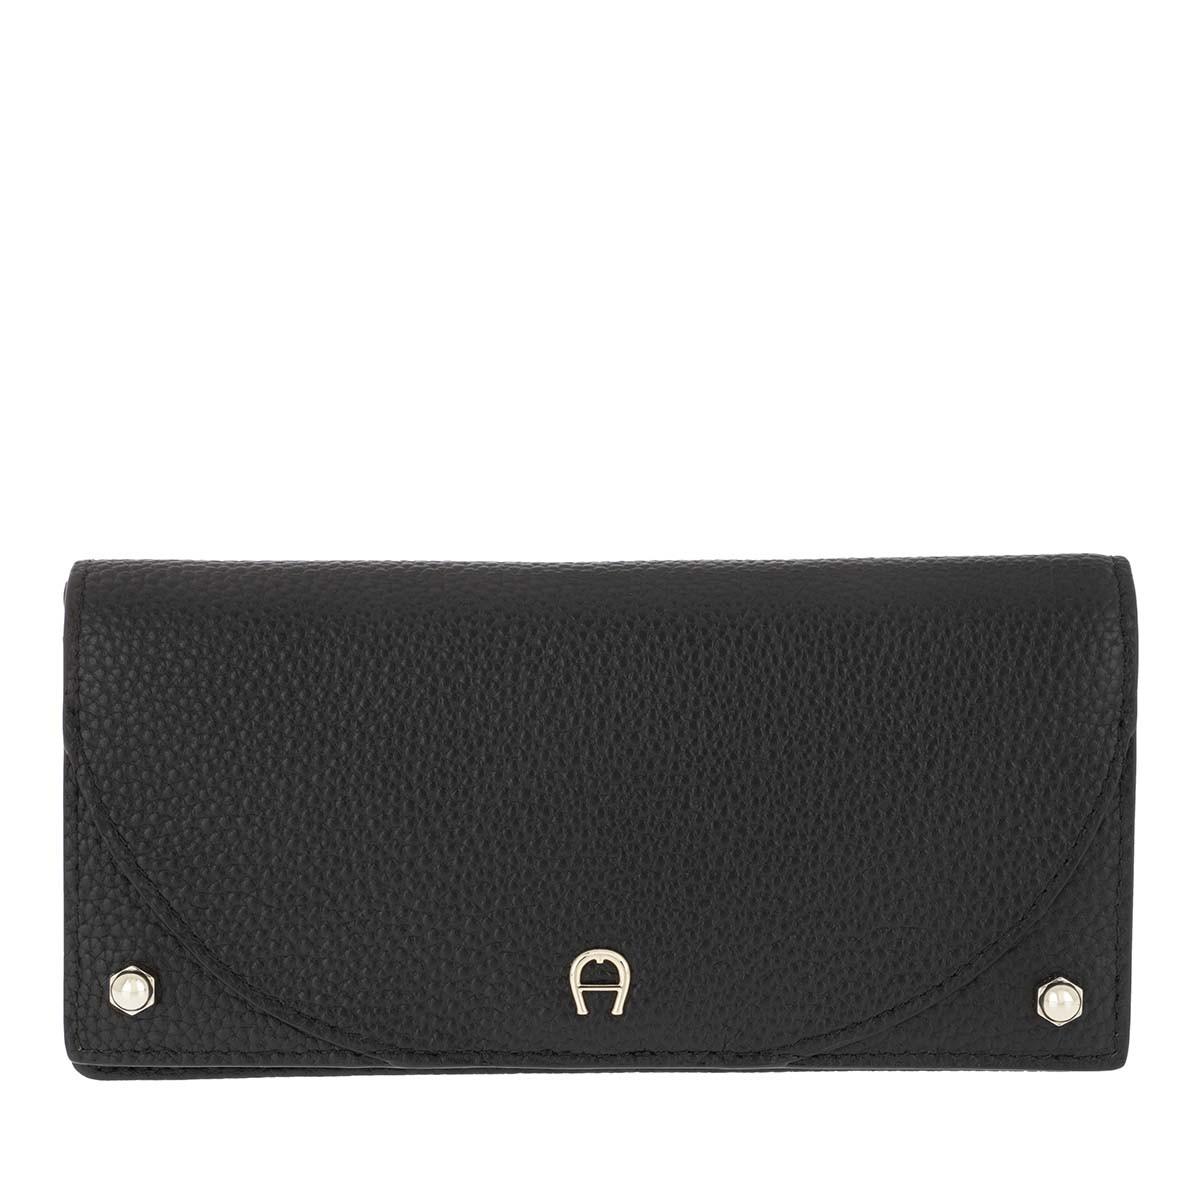 Aigner Portemonnaie - Purse Cowhide Diadora Black - in schwarz - für Damen